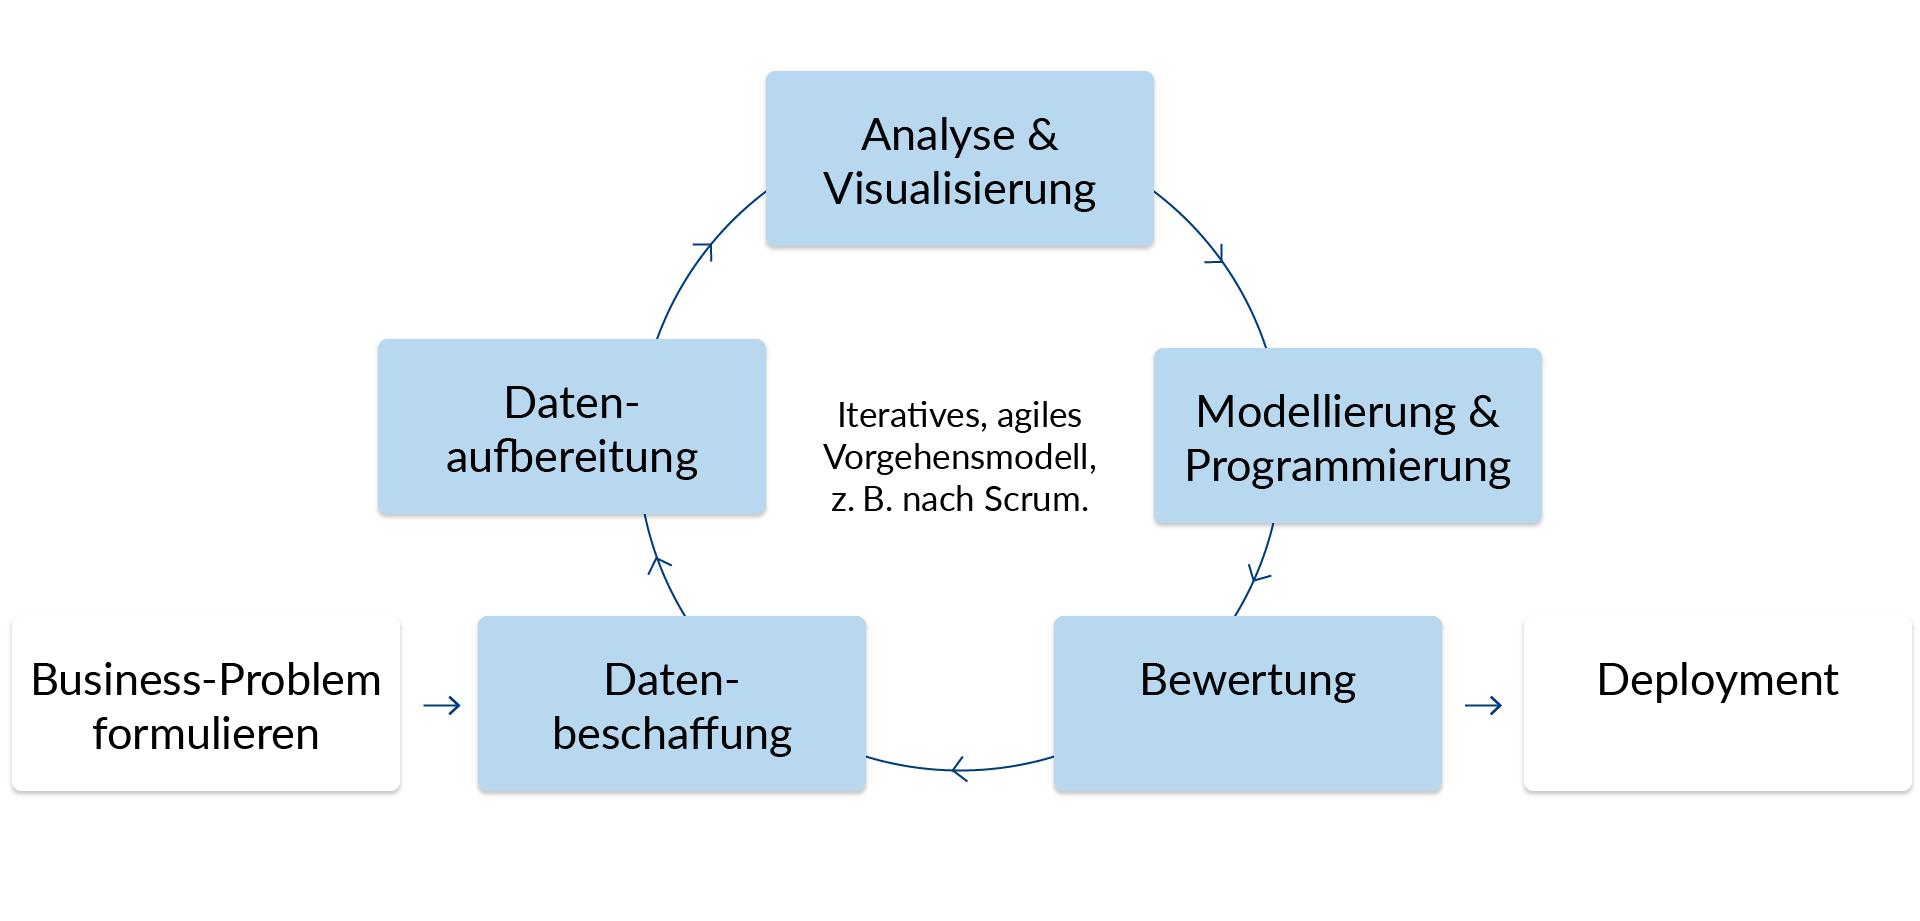 Darstellung des iterativen, agilen Vorgehensmodell